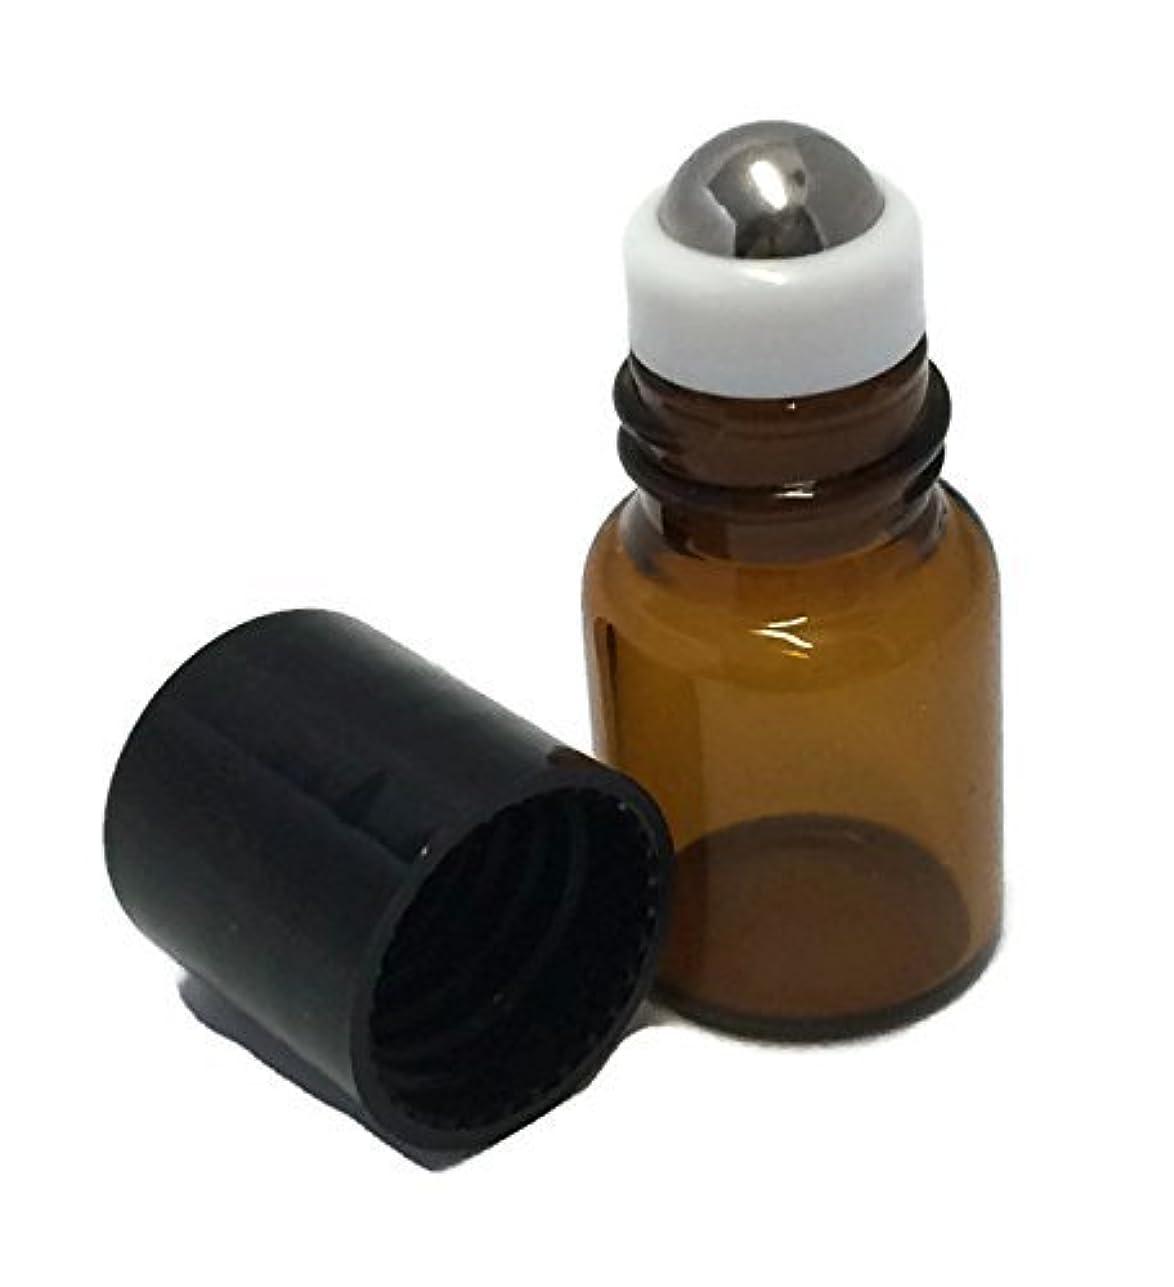 空港知覚できるニンニクUSA 144 Amber Glass 2 ml, 5/8 Dram Mini Roll-On Glass Bottles with Stainless Steel Roller Balls - Refillable Aromatherapy...